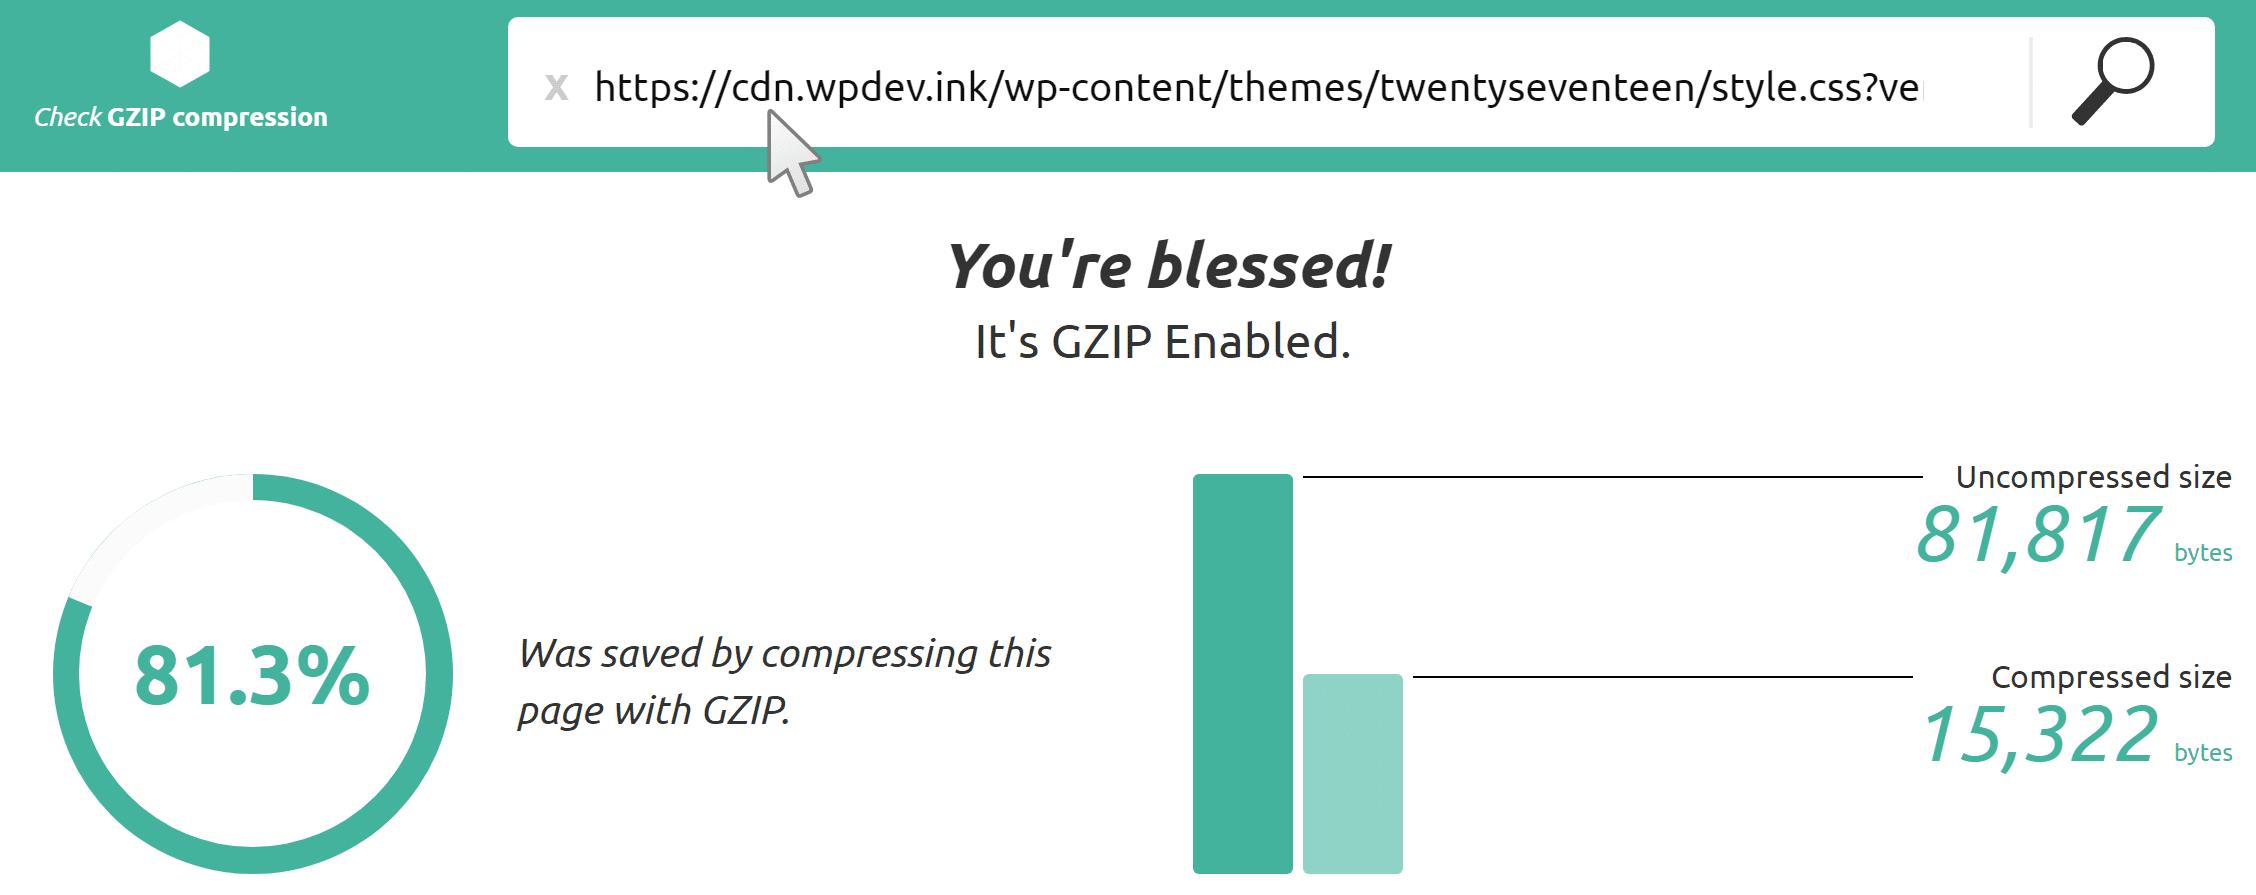 Tjek GZIP-komprimering på CDN